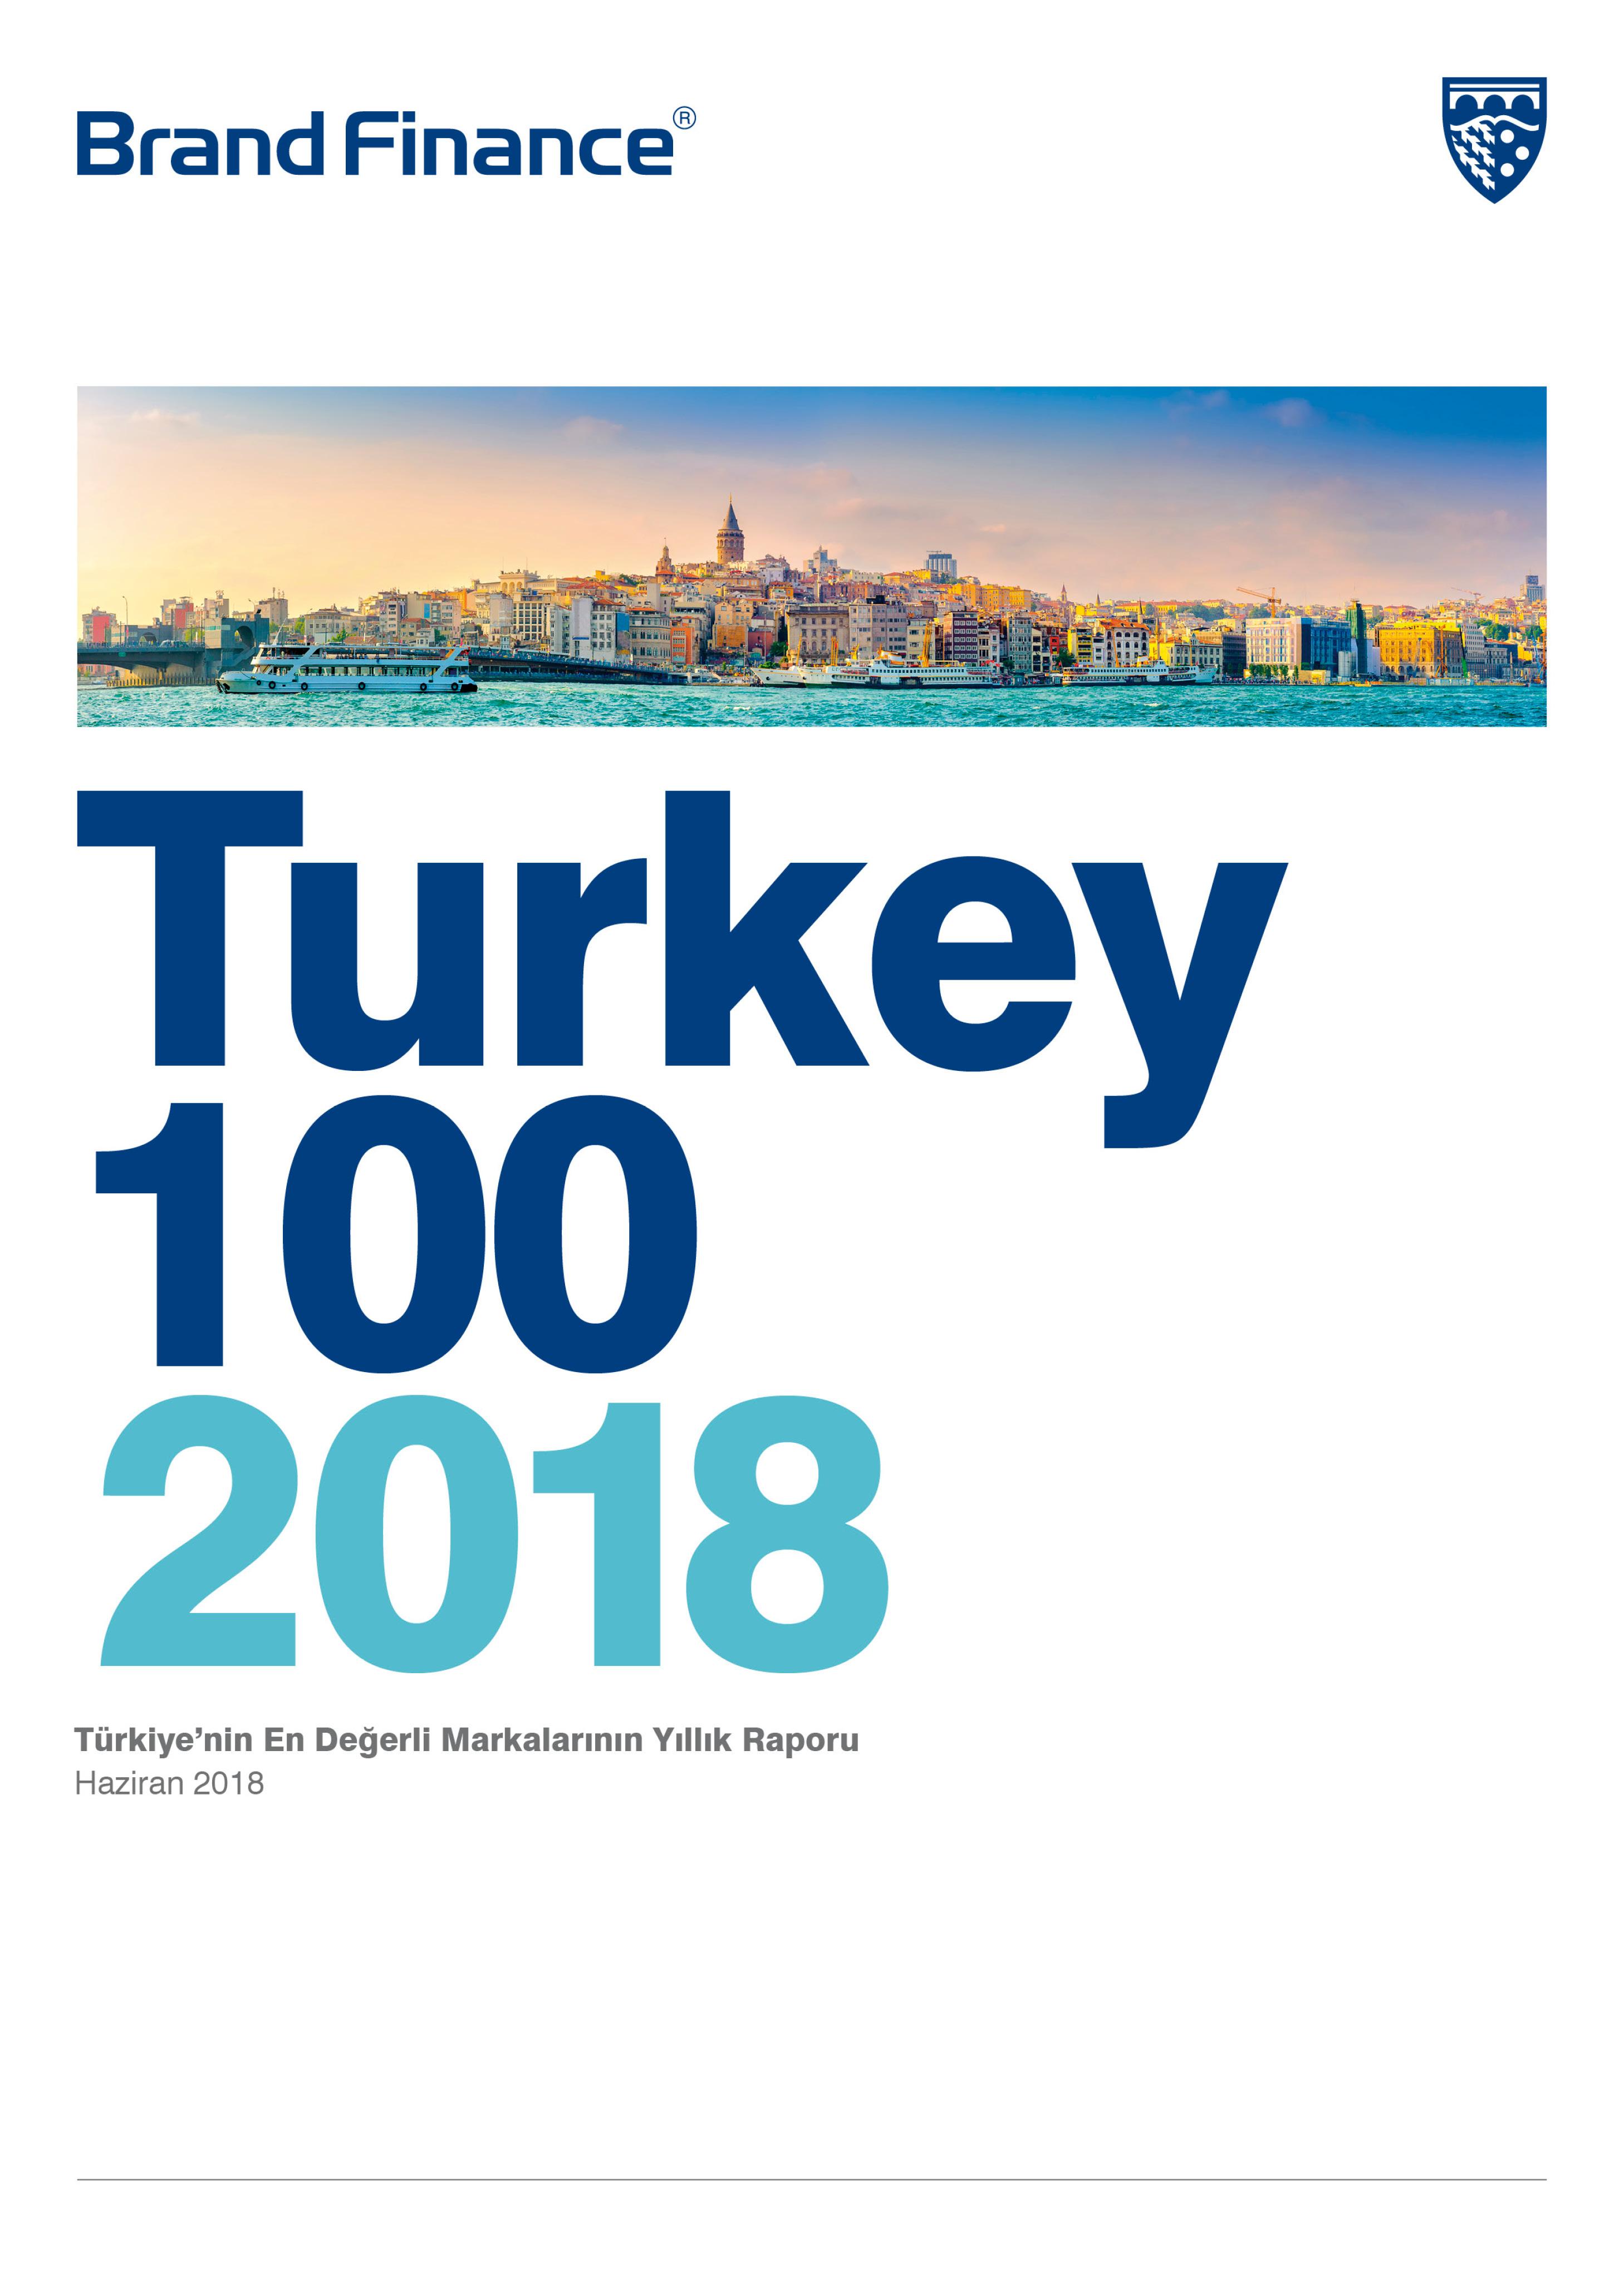 Brand Finance Turkey 100 2018